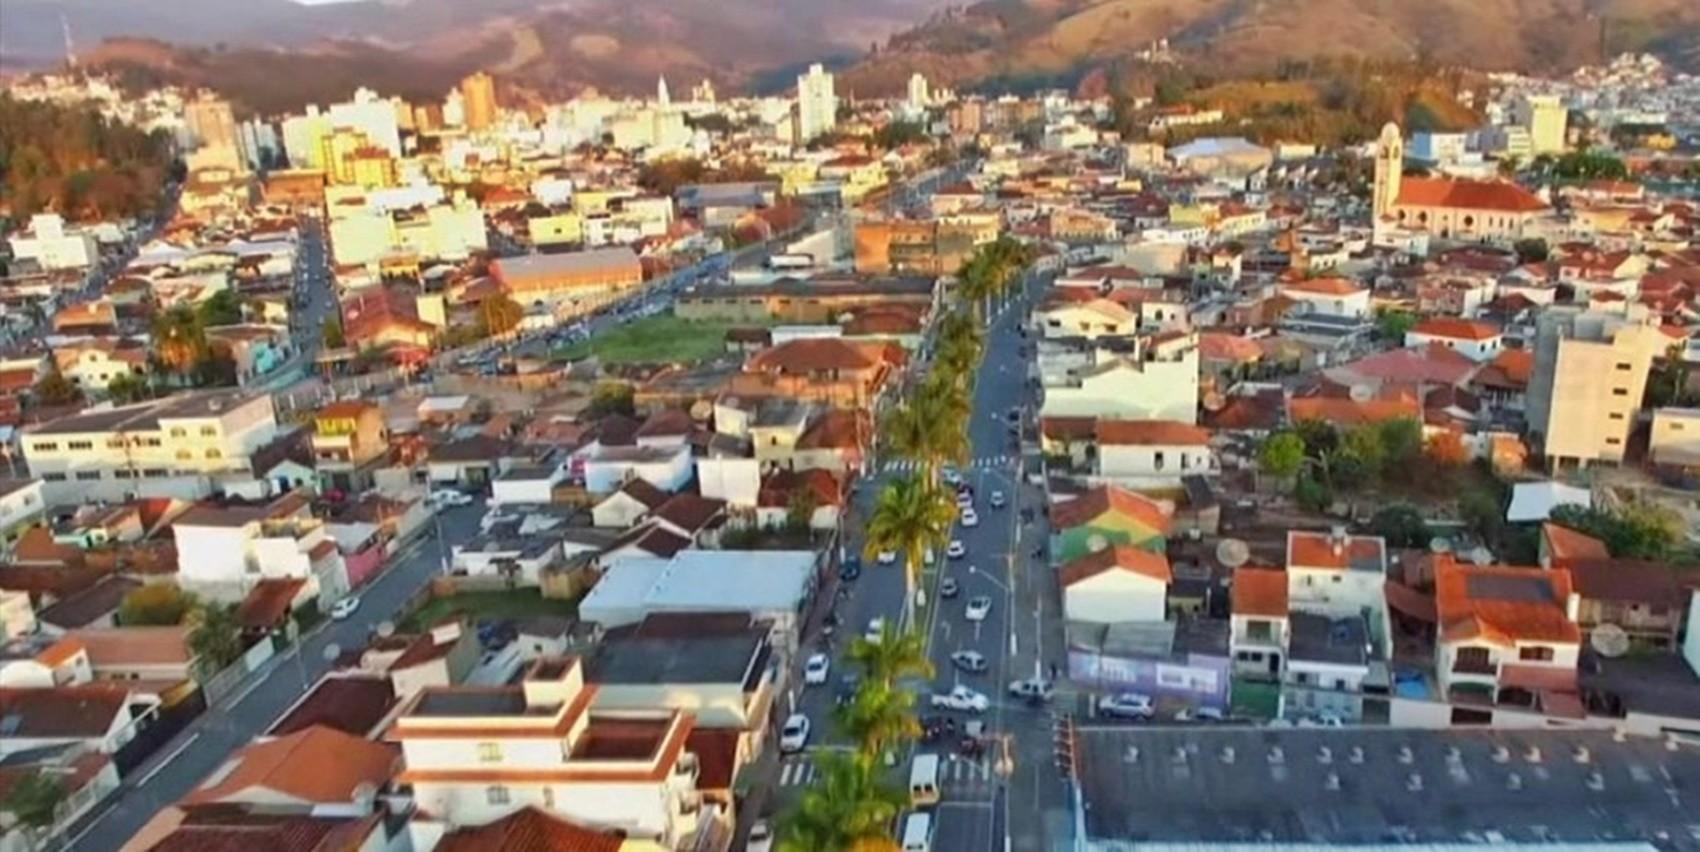 Novo decreto endurece restrições e altera horário de toque de recolher em Itajubá, MG